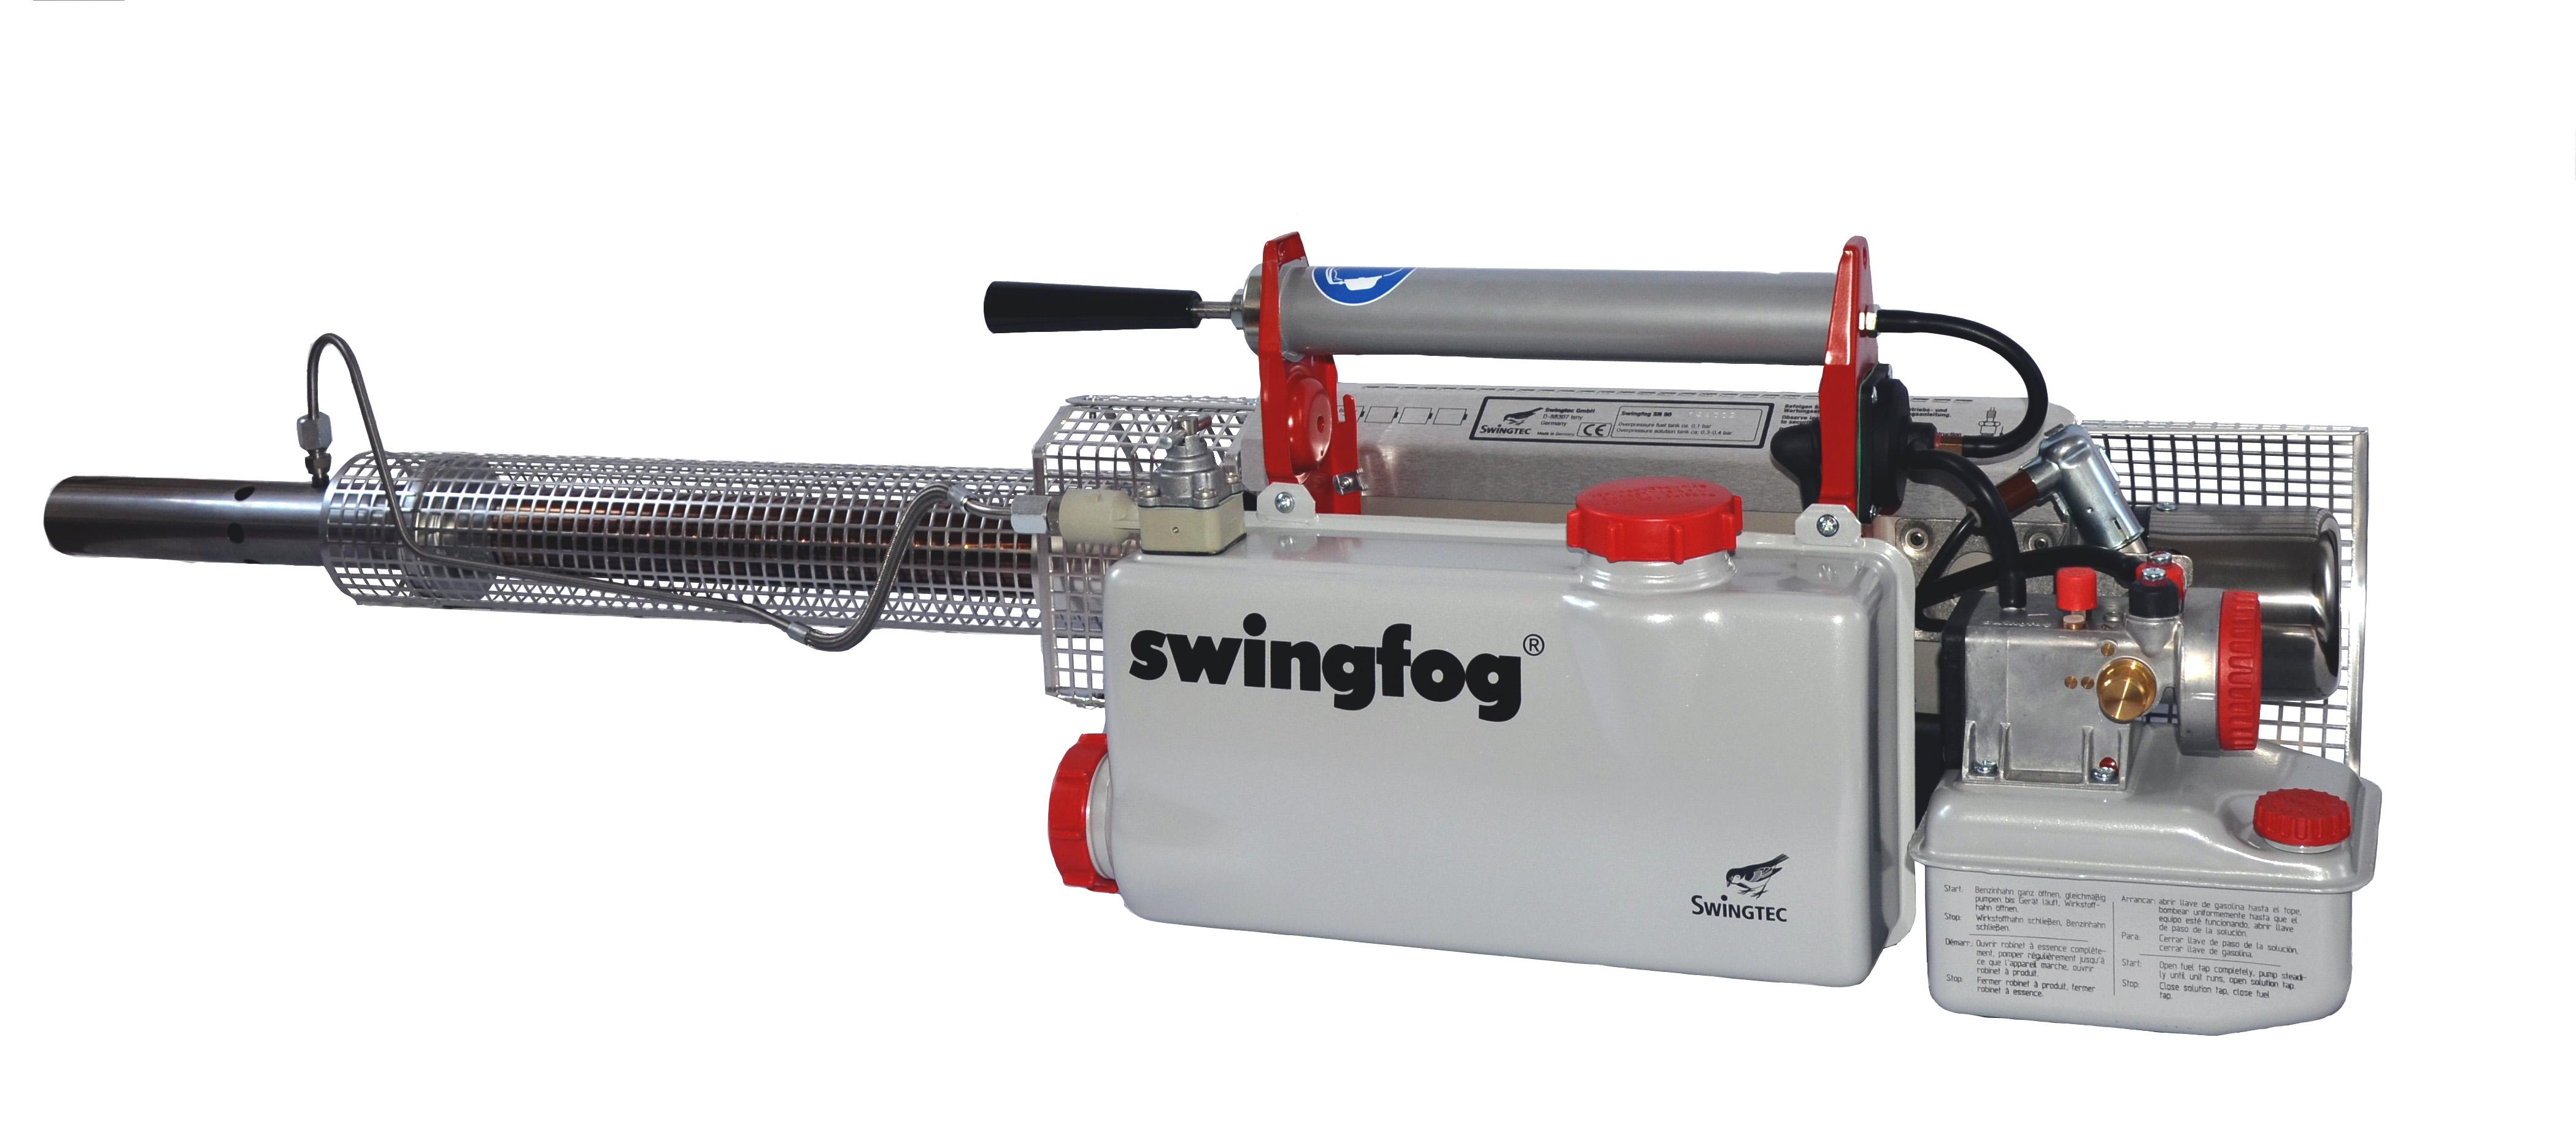 德国Swing Fogger热烟雾机 SN50